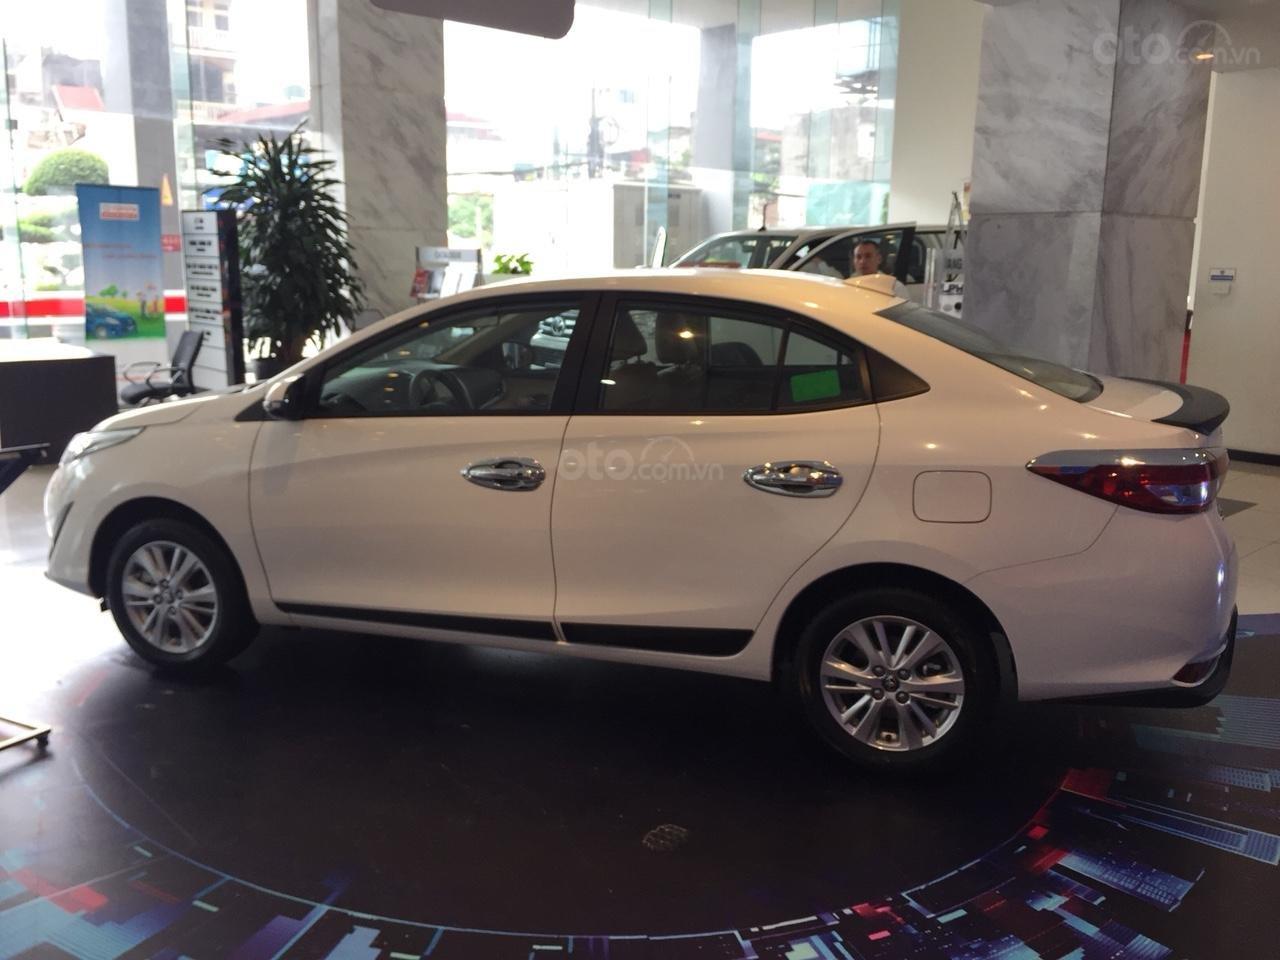 Giá xe Toyota Vios 1.5G 2019, giảm sập sàn, tặng bảo hiểm thân vỏ, hỗ trợ trả góp, chi tiết LH ngay 0978835850-8